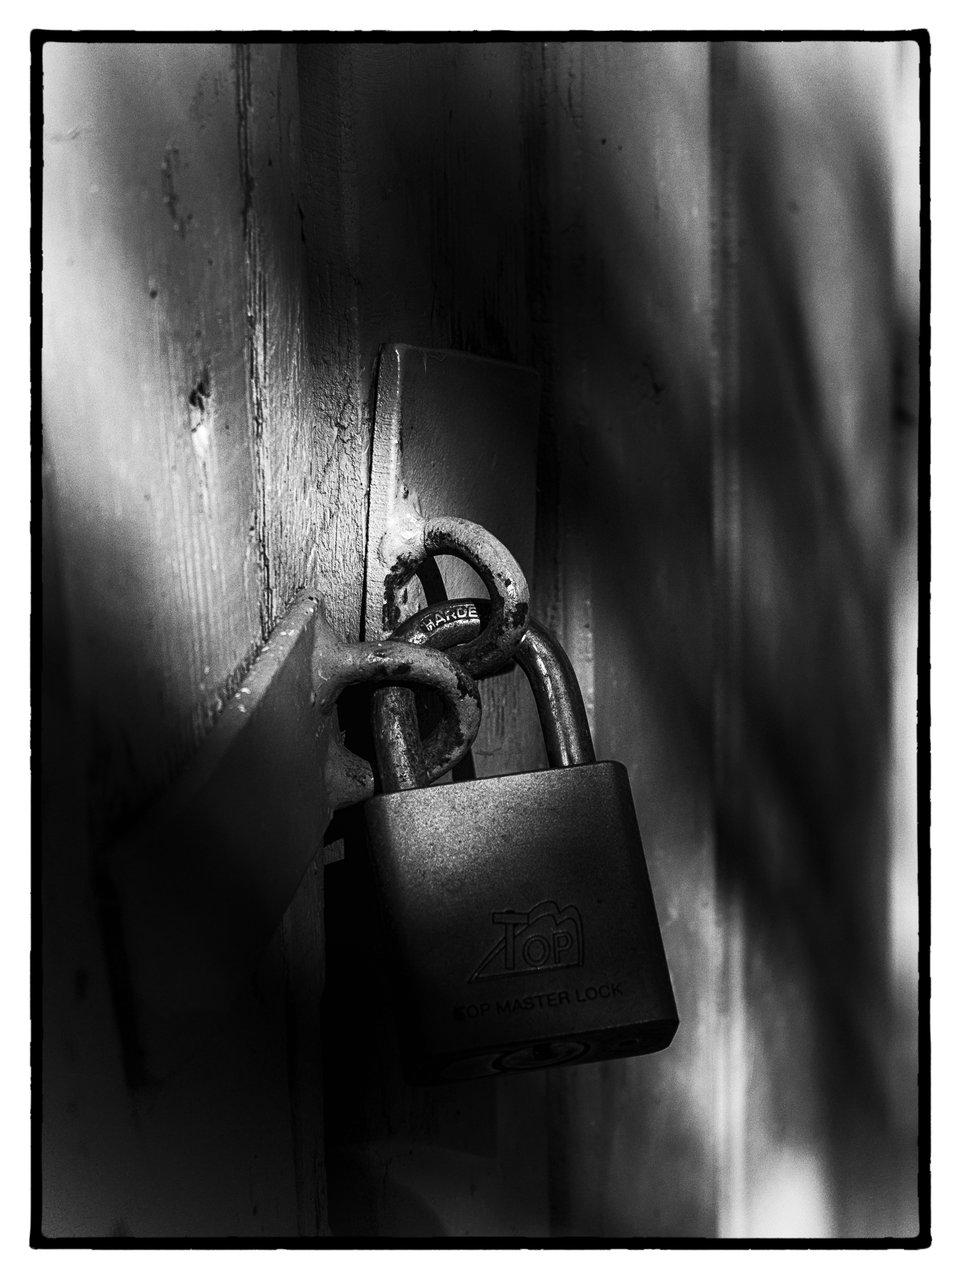 По време на пандемия. | Author ombre | PHOTO FORUM